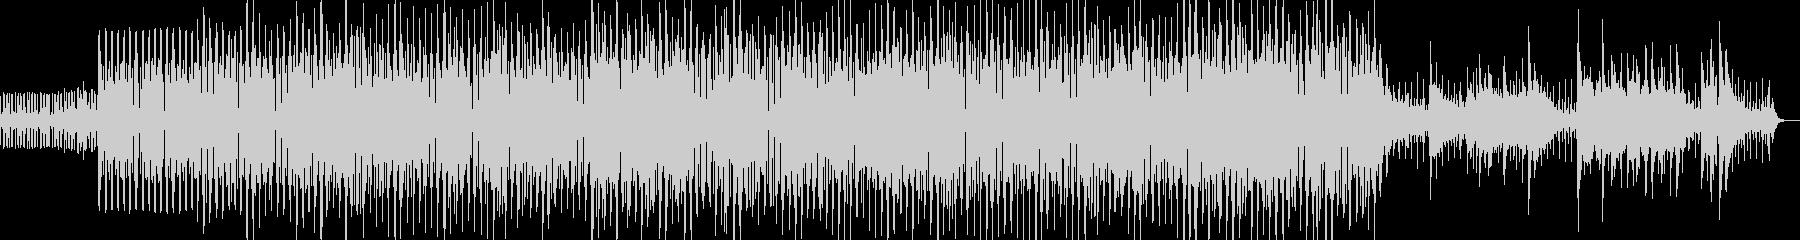 紹介VTR、CM、映像用 ボサノヴァ調の未再生の波形